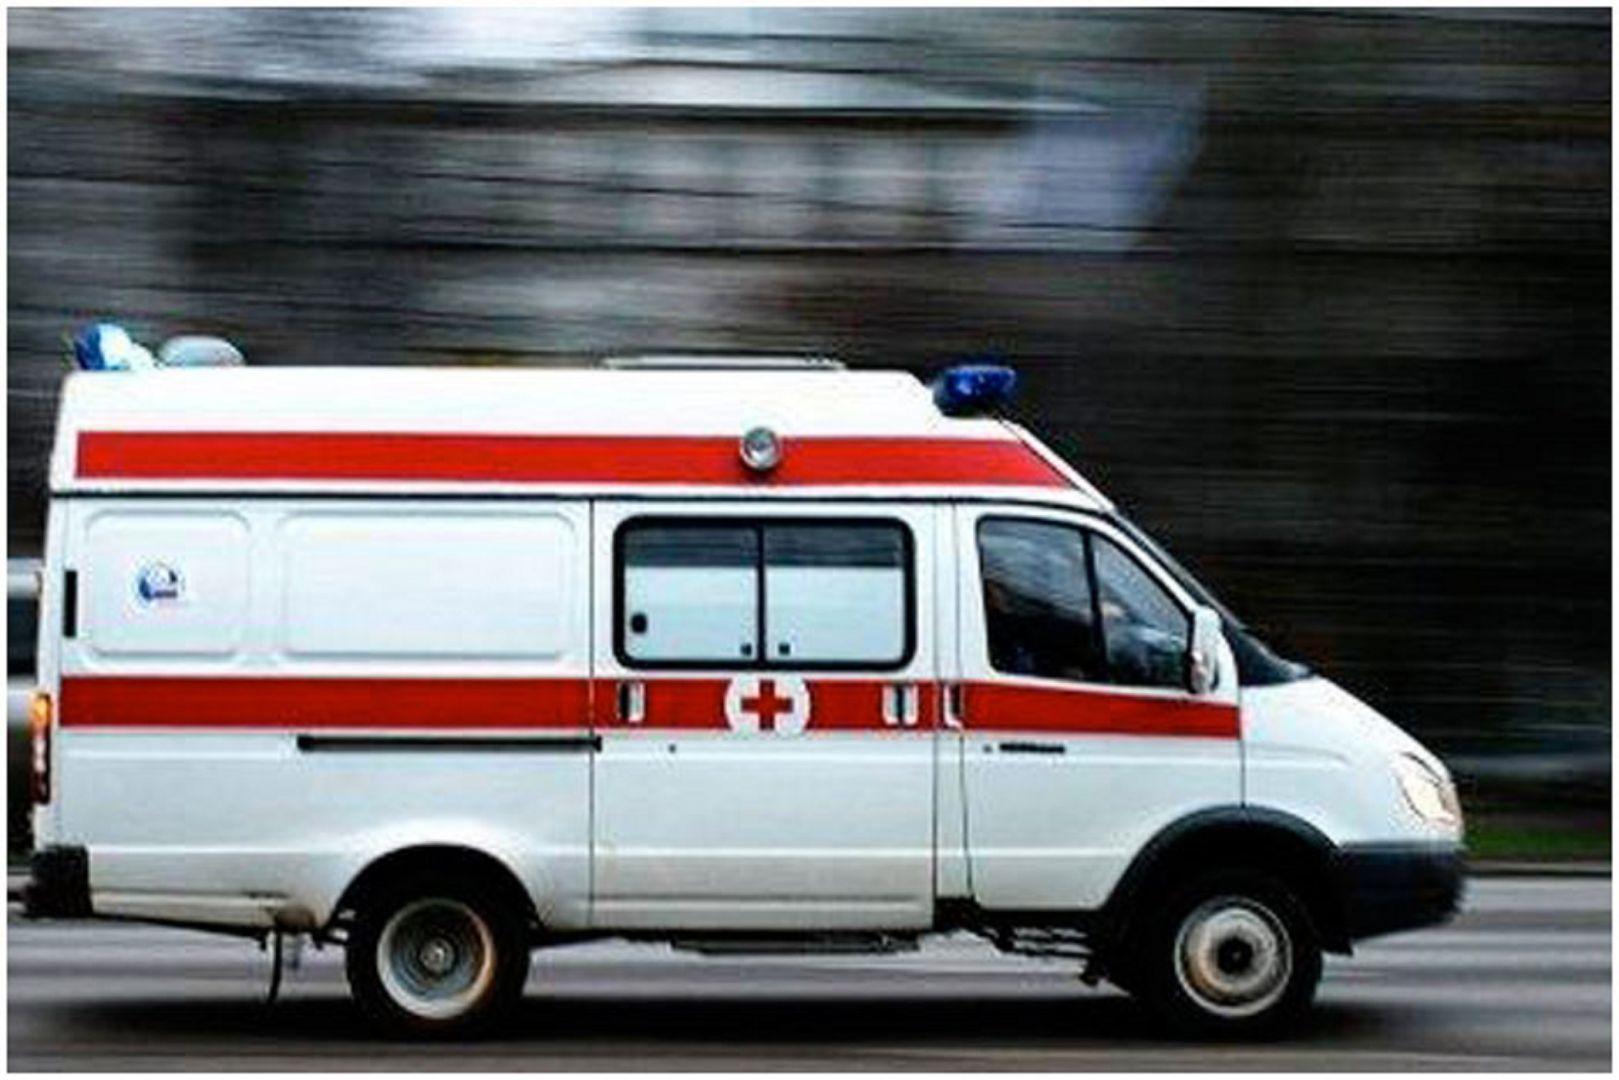 ВСтаврополе шофёр маршрутки скончался нарейсе из-за плохого самочувствия